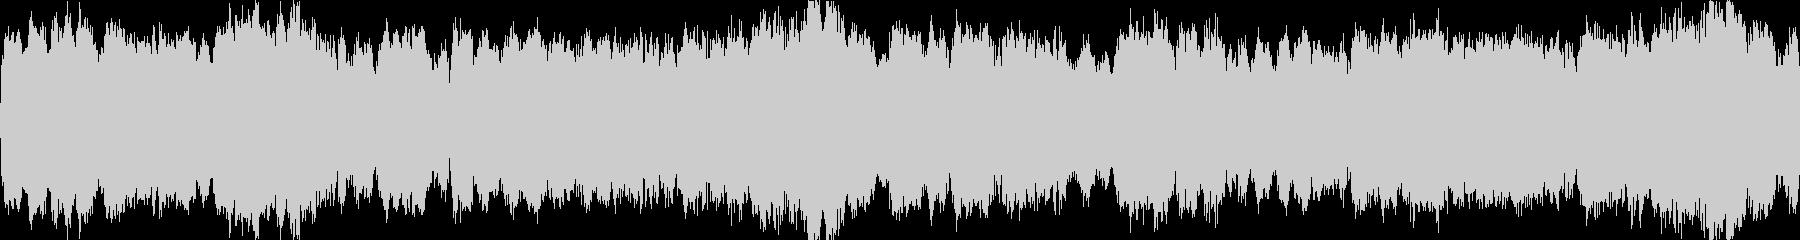 チャイコフスキー 激しさ ループの未再生の波形